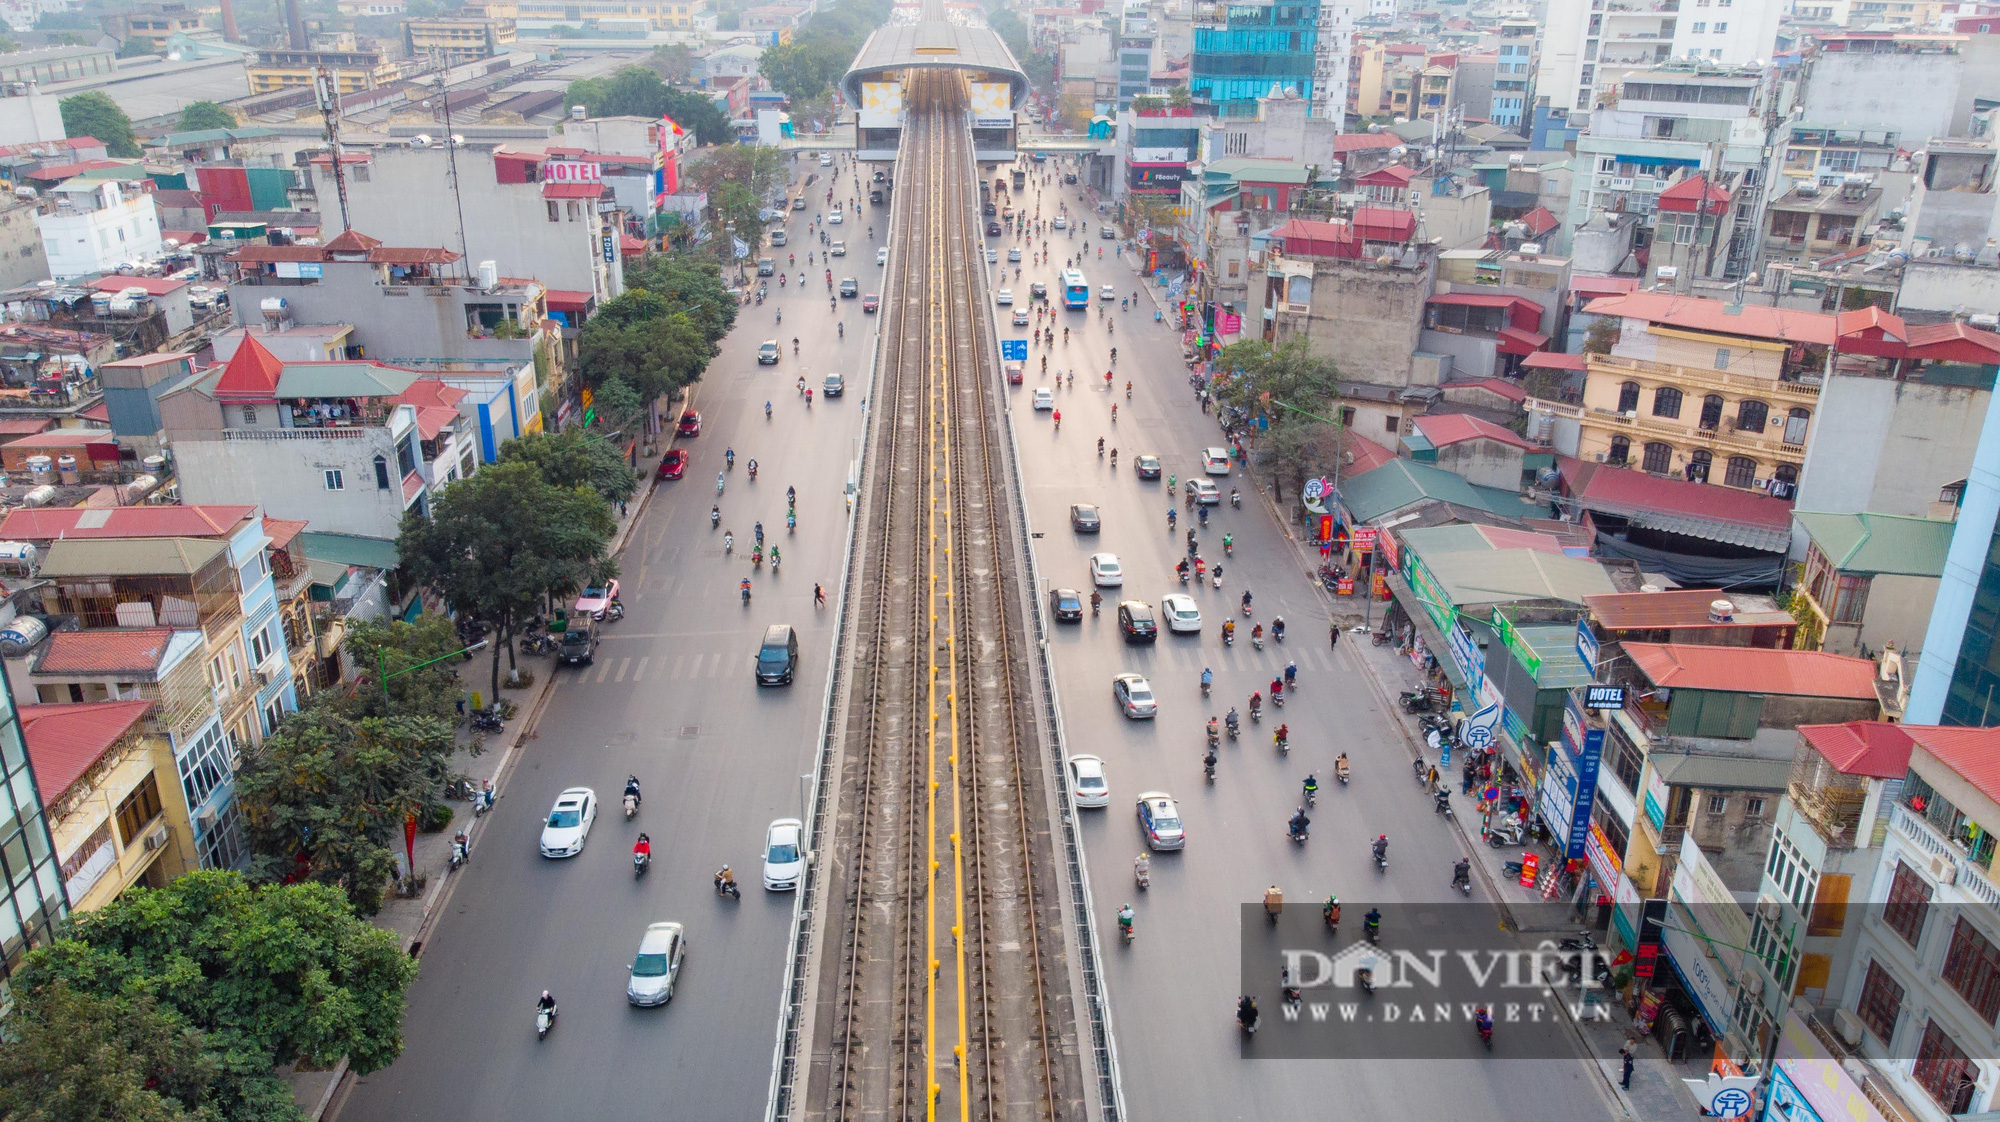 Giao thông Hà Nội thông thoáng, bến xe vắng vẻ chưa từng thấy - Ảnh 7.